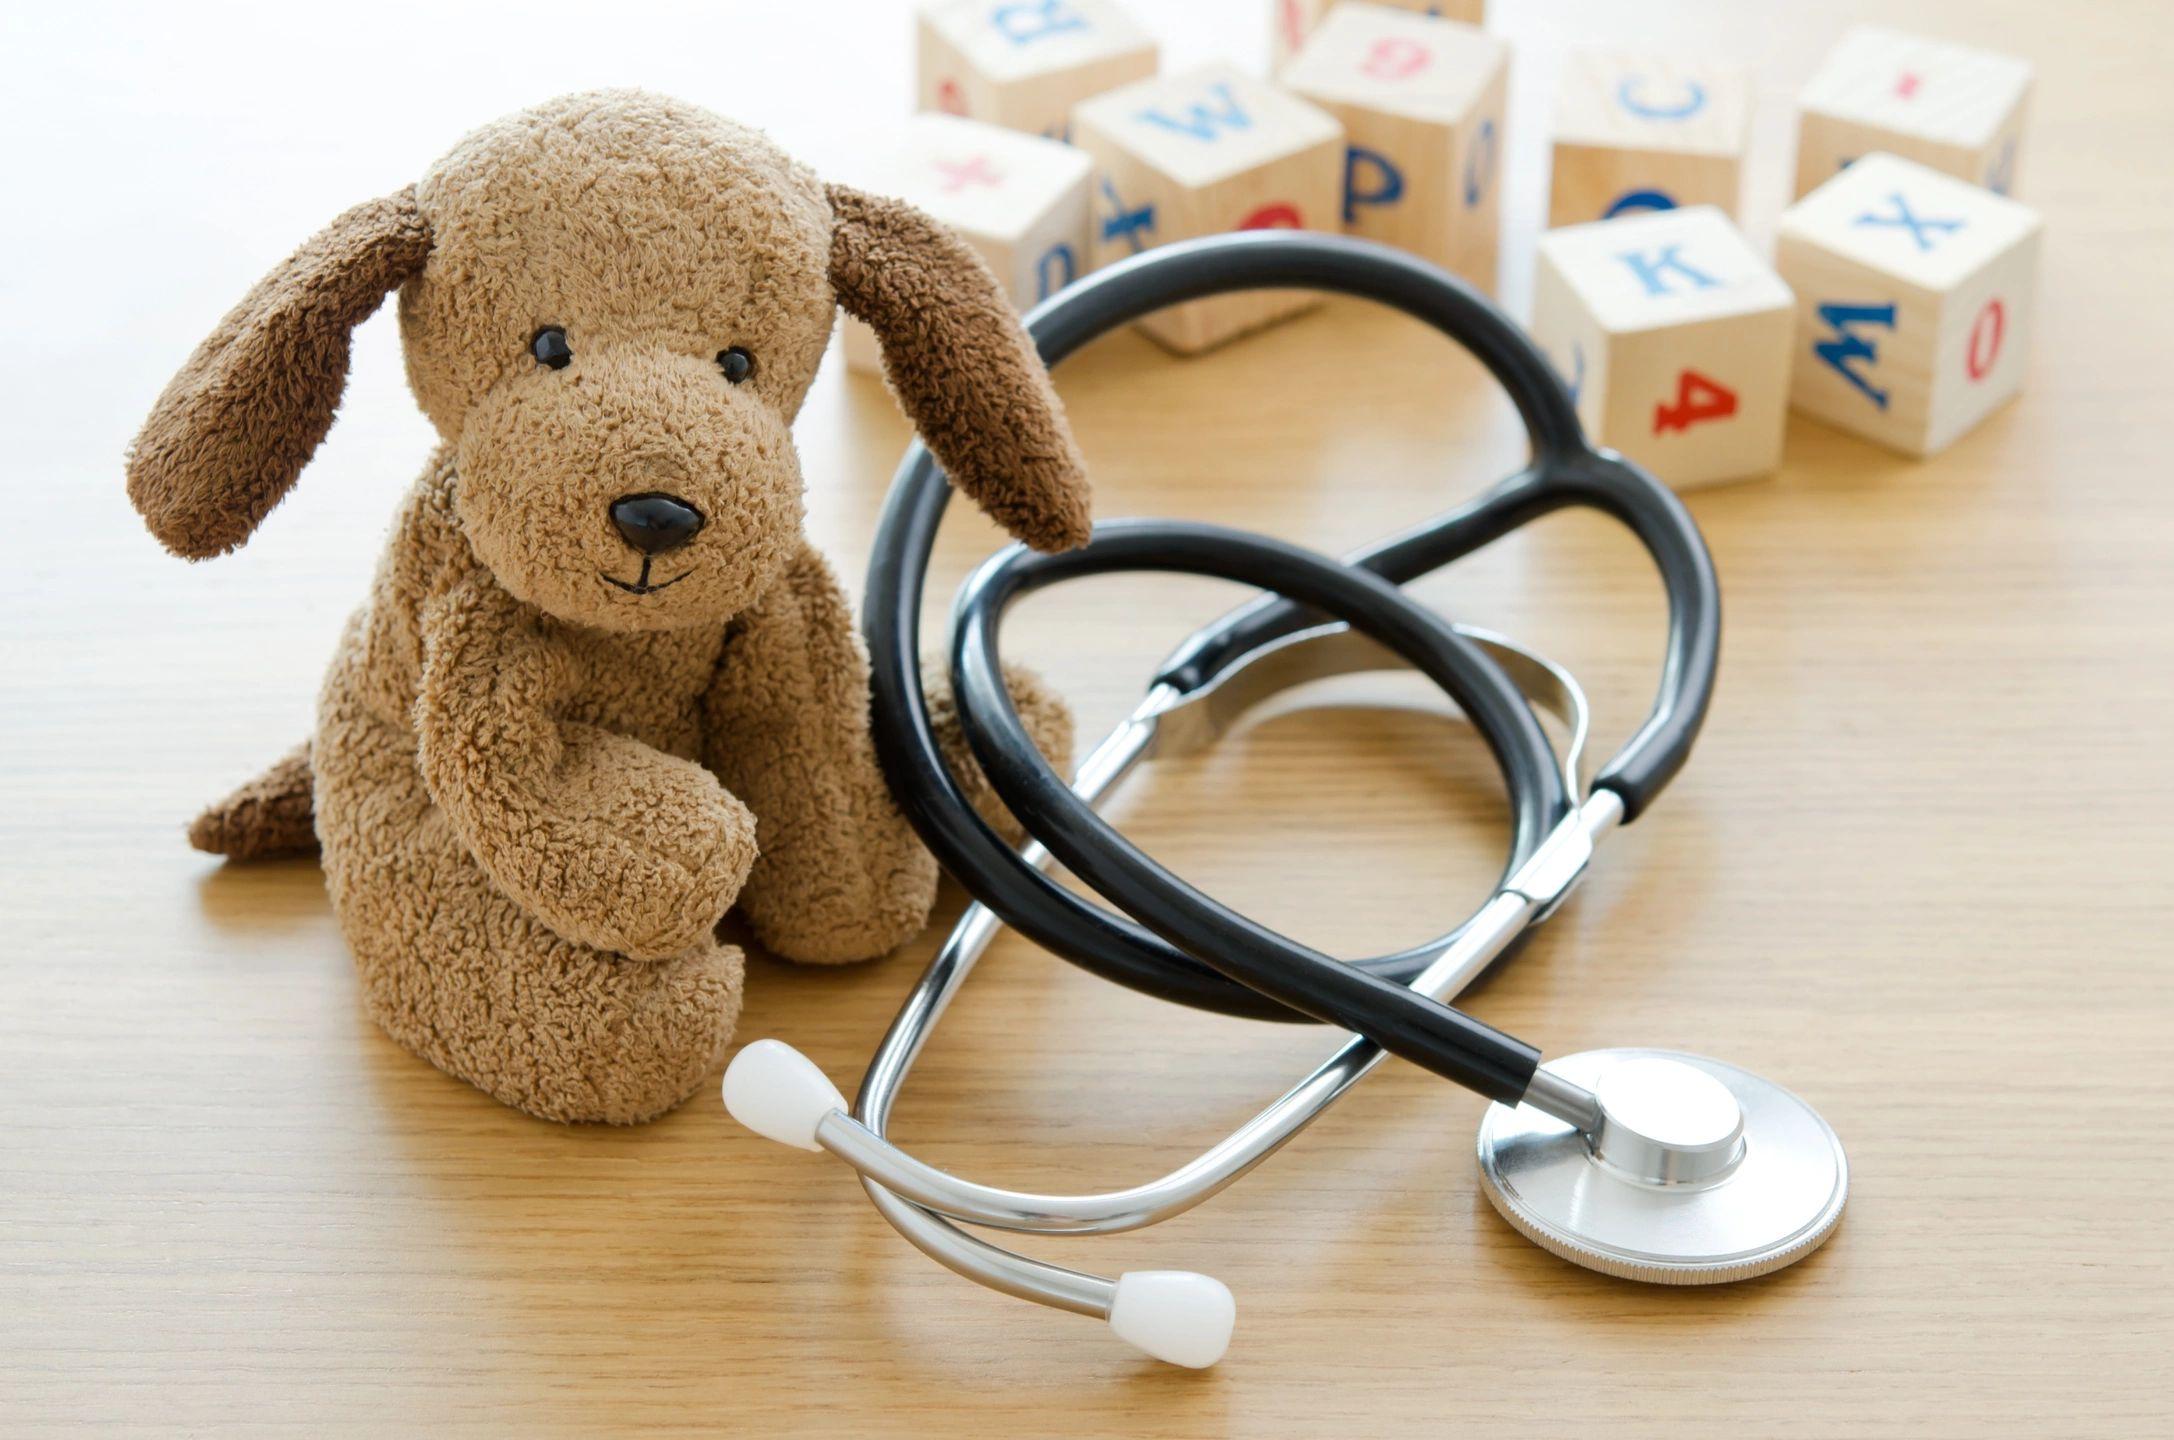 Overdose, Children, The Recover, Pediatrics